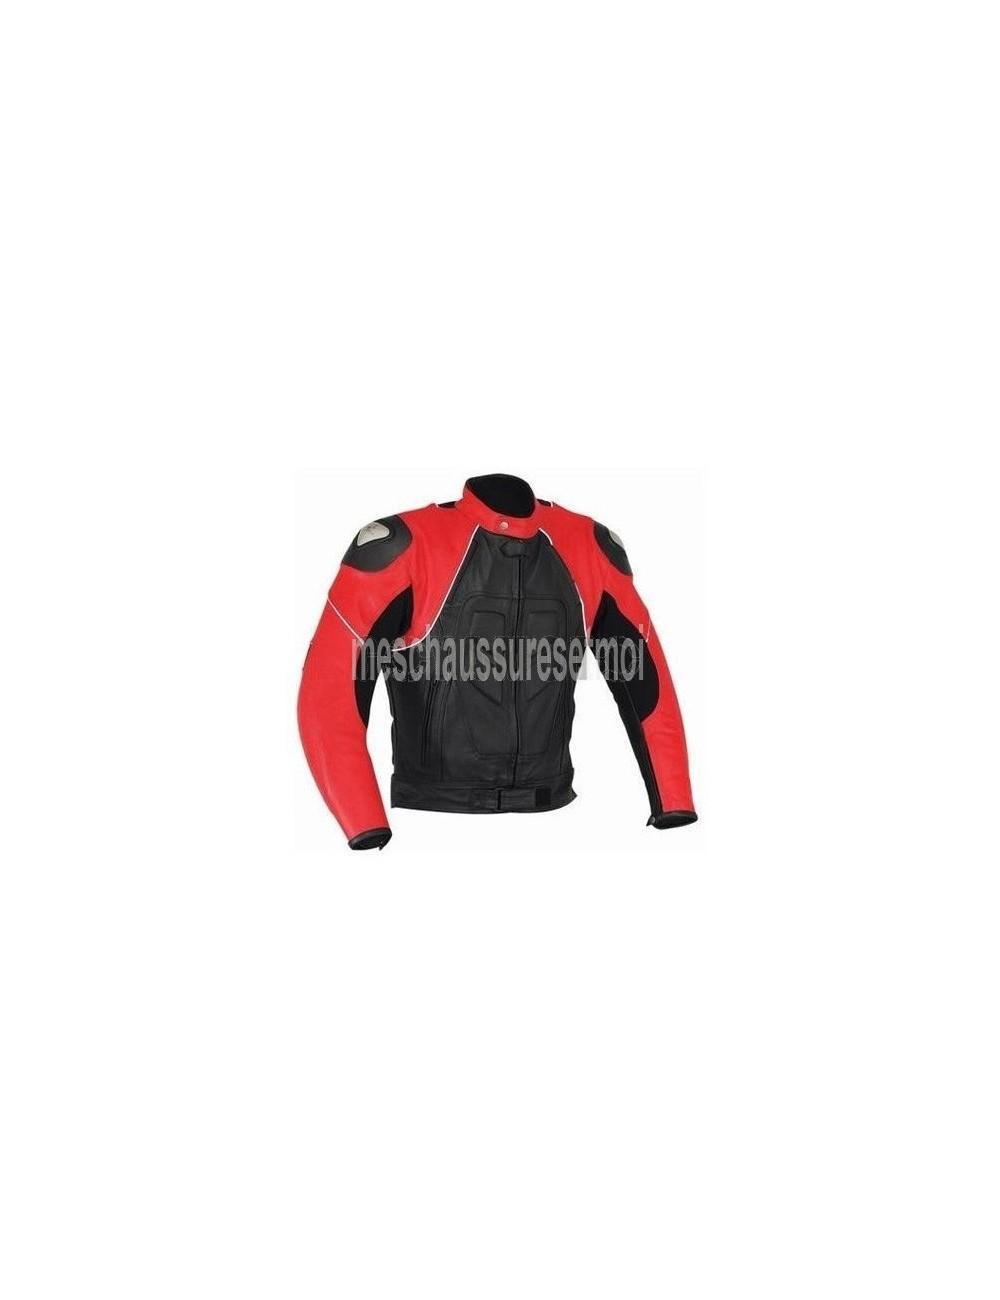 Vêtement moto sur mesure - Blouson moto cuir noir et rouge sur mesure